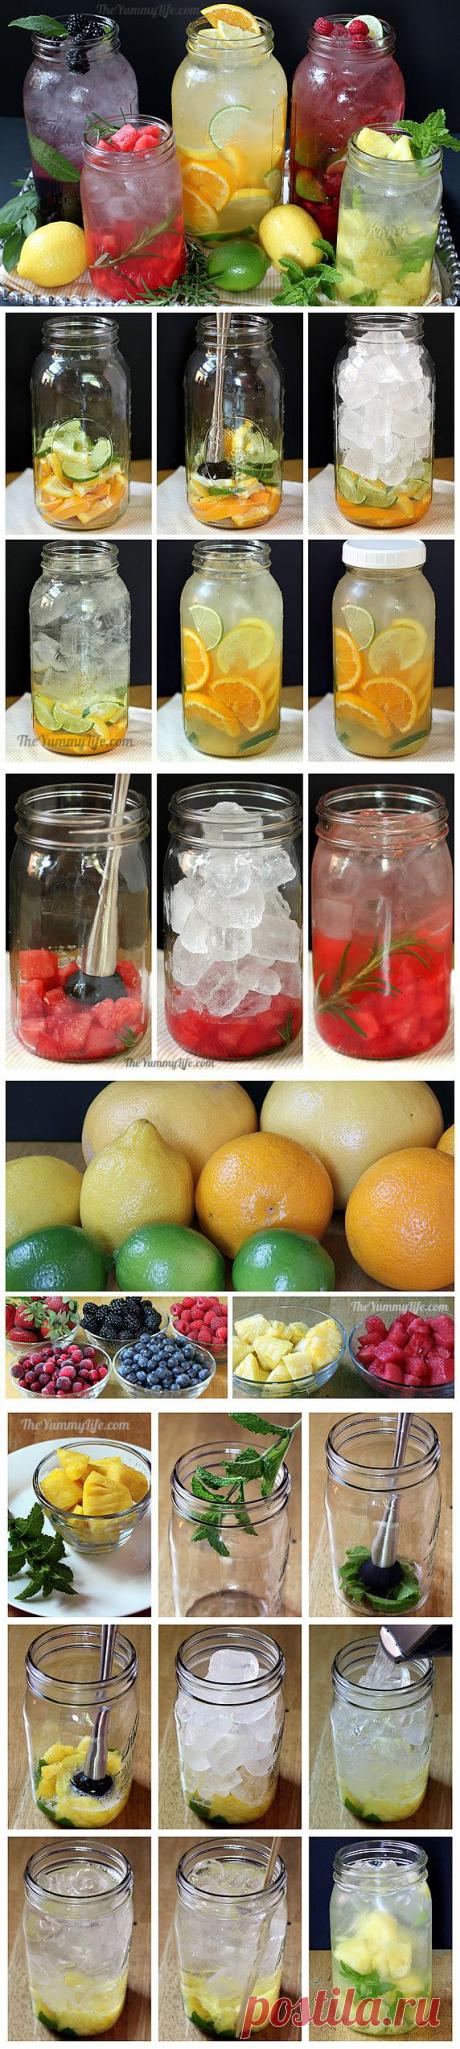 Рецепт Рецепты приготовления полезной и вкусной воды из фруктов и трав в домашних условиях